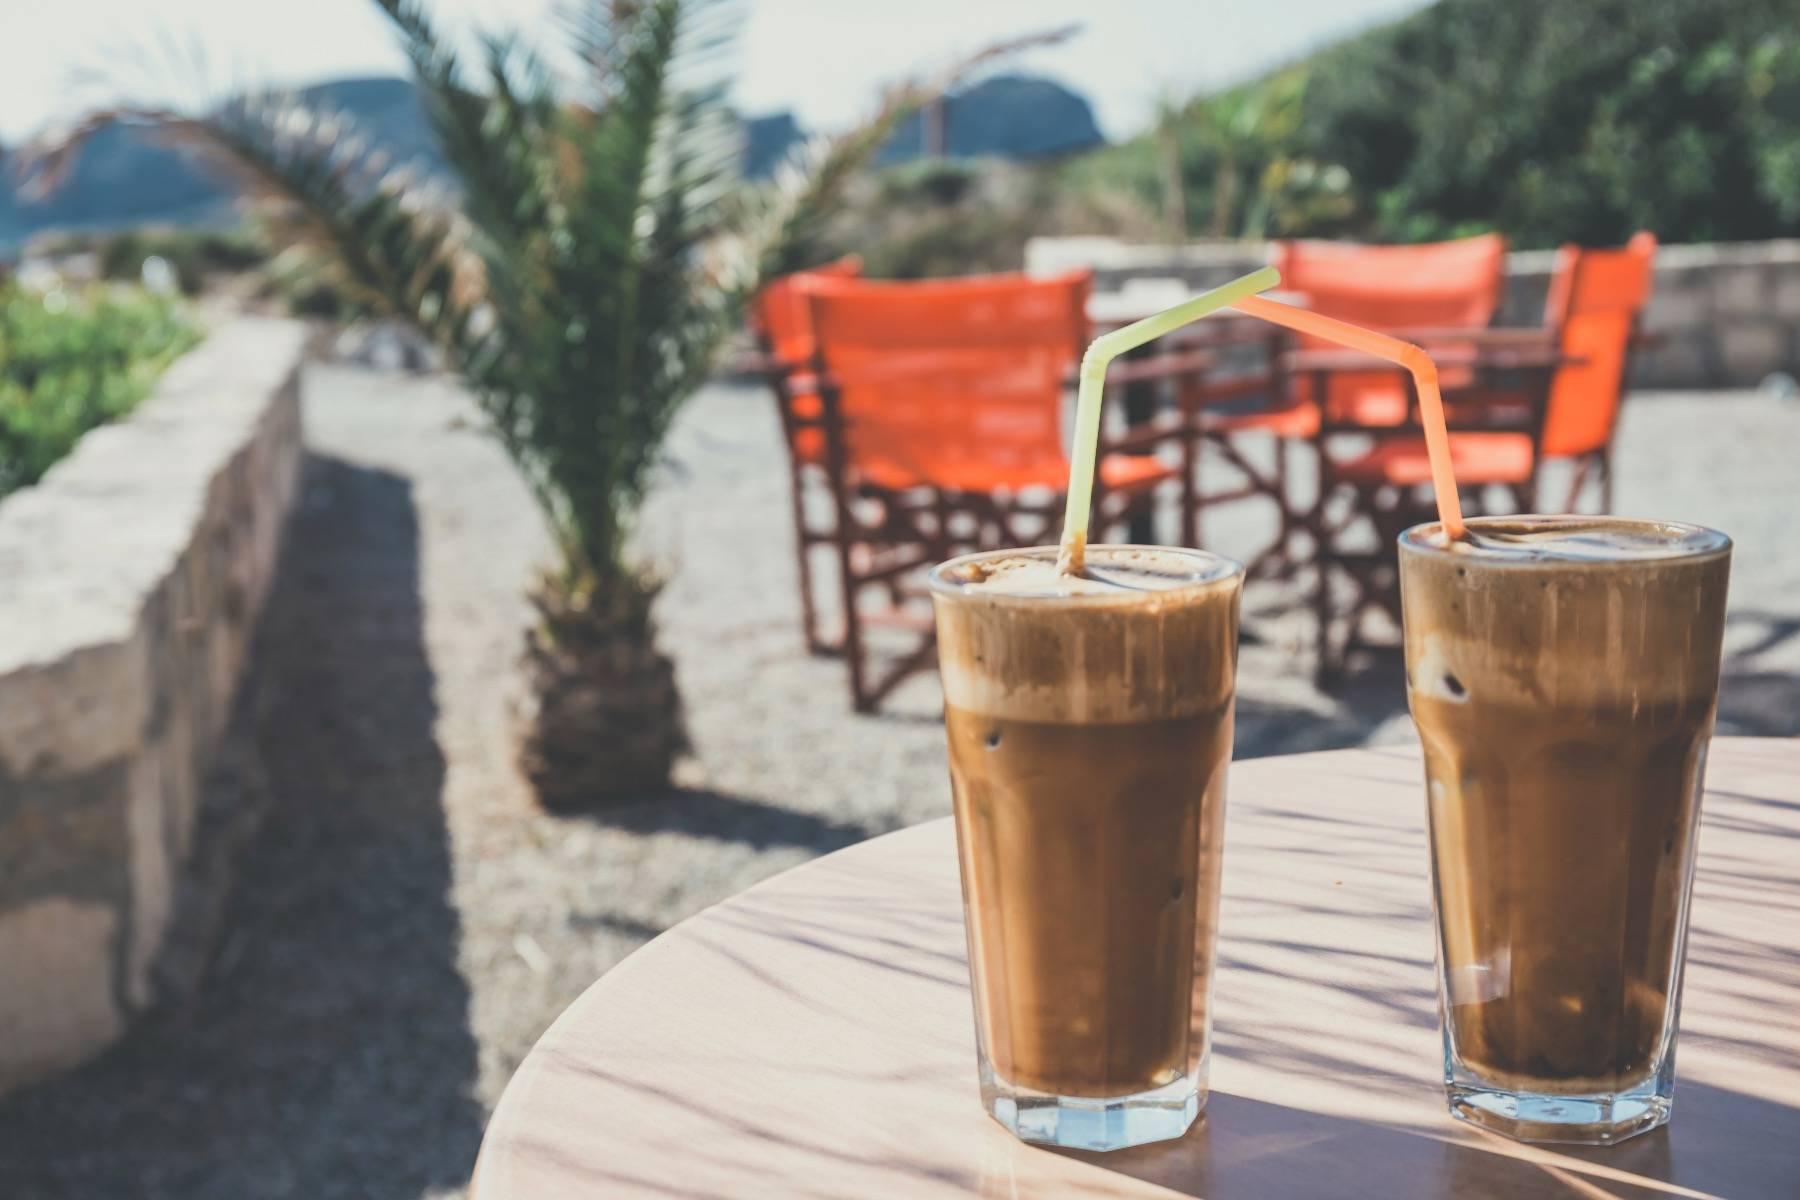 Кофе по-гречески - рецепты как приготовить кофе в джезве